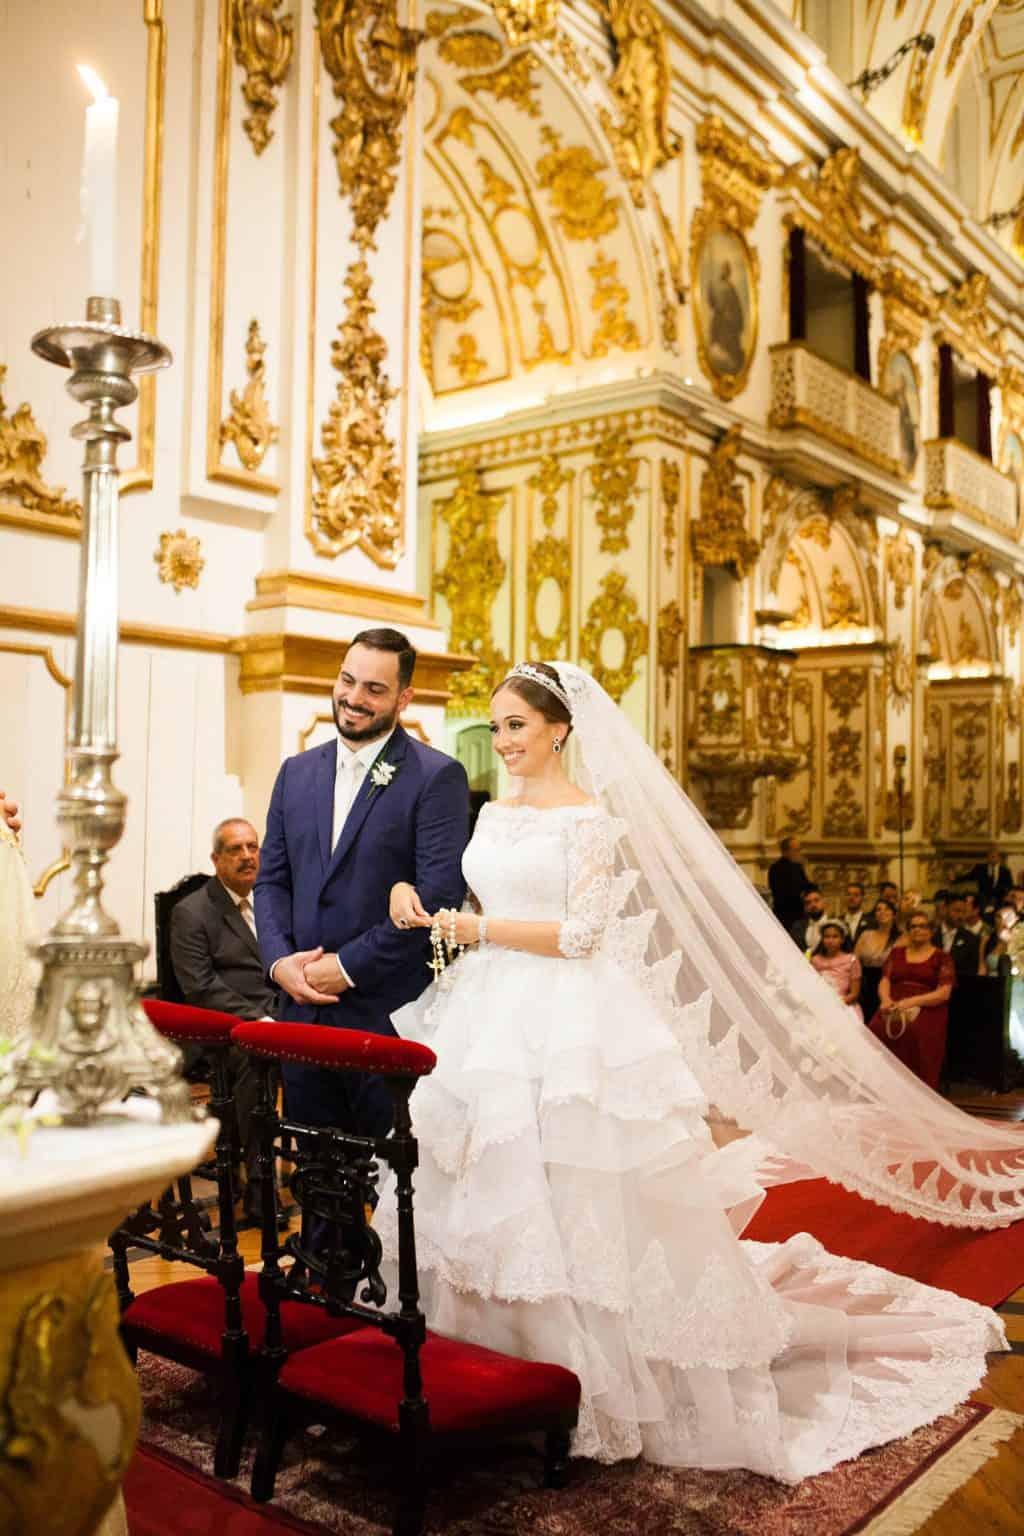 Casamento-Clássico-Casamento-tradicional-Cerimônia-Copacabana-Palace-Monica-Roias-Ribas-Foto-e-Vídeo-Tuanny-e-Bernardo-CaseMe-14